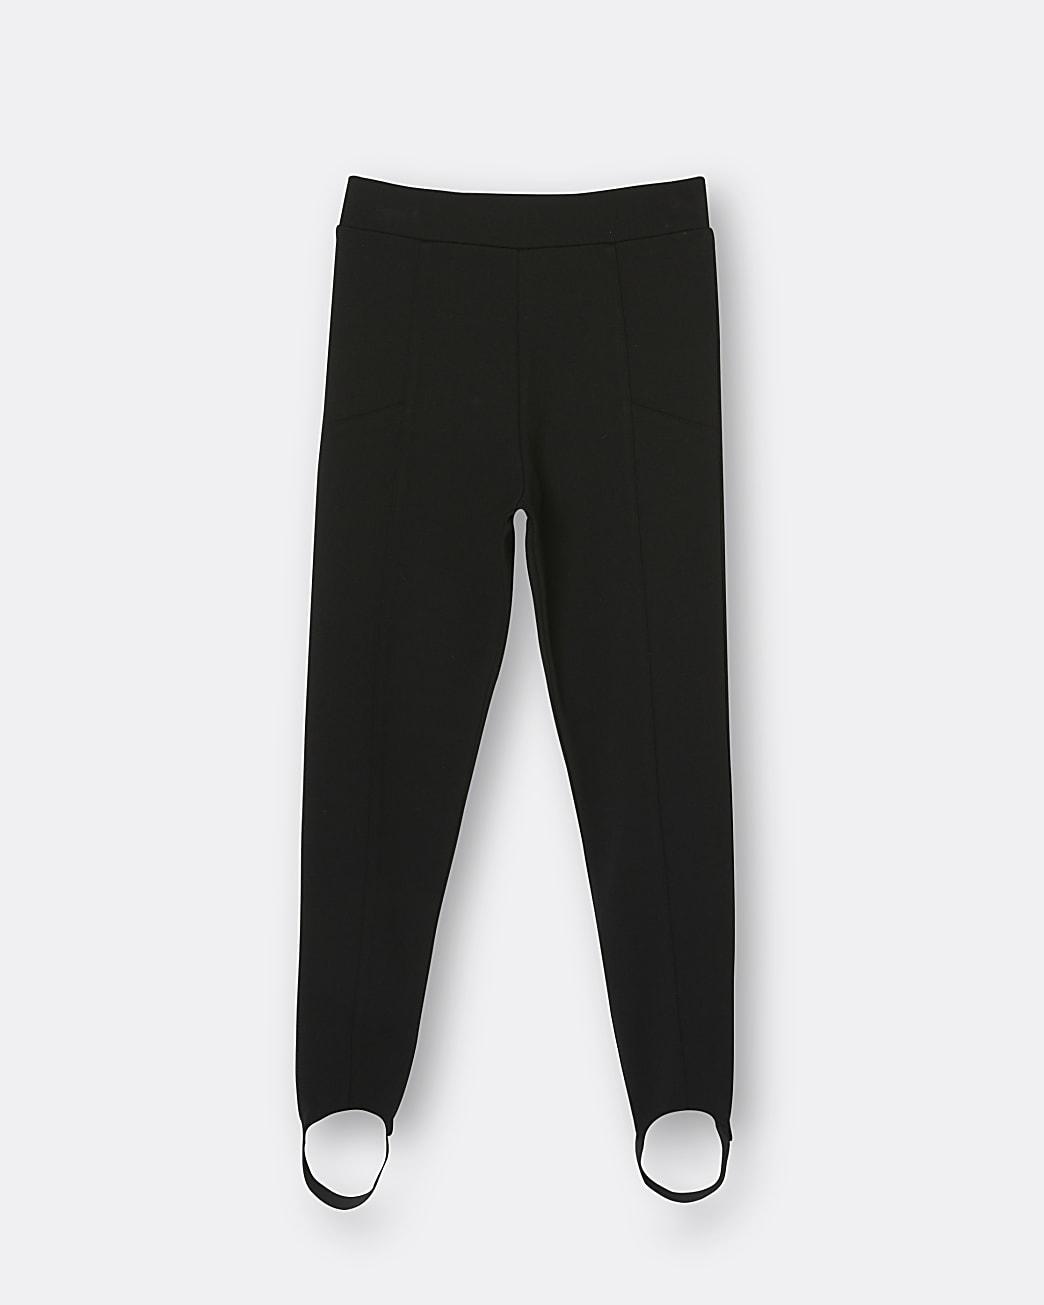 Girls black seam detail stirrup leggings